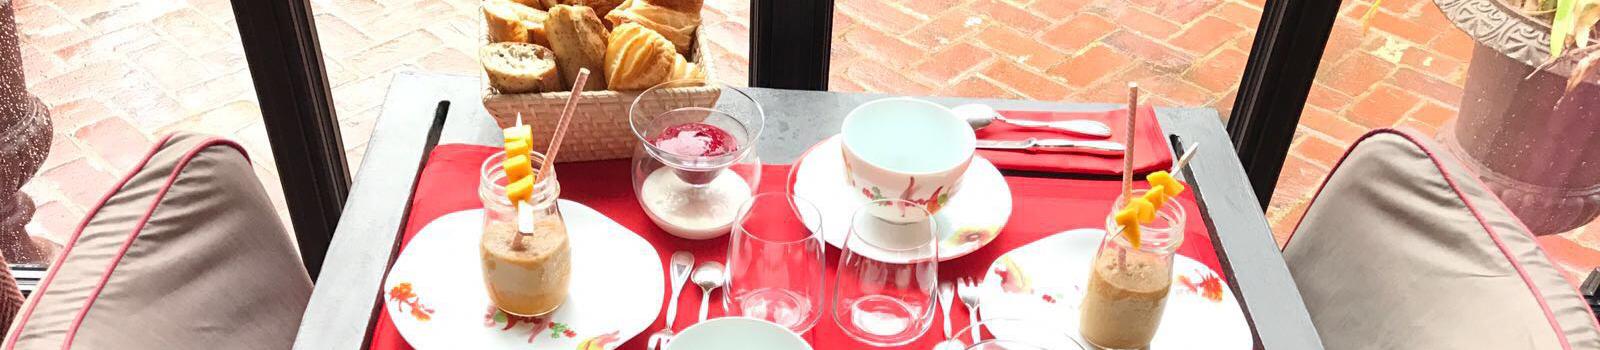 http://www.leclosdegrace.com/wp-content/uploads/2017/04/petit-déjeuner-smoothie-closdegrace.jpg